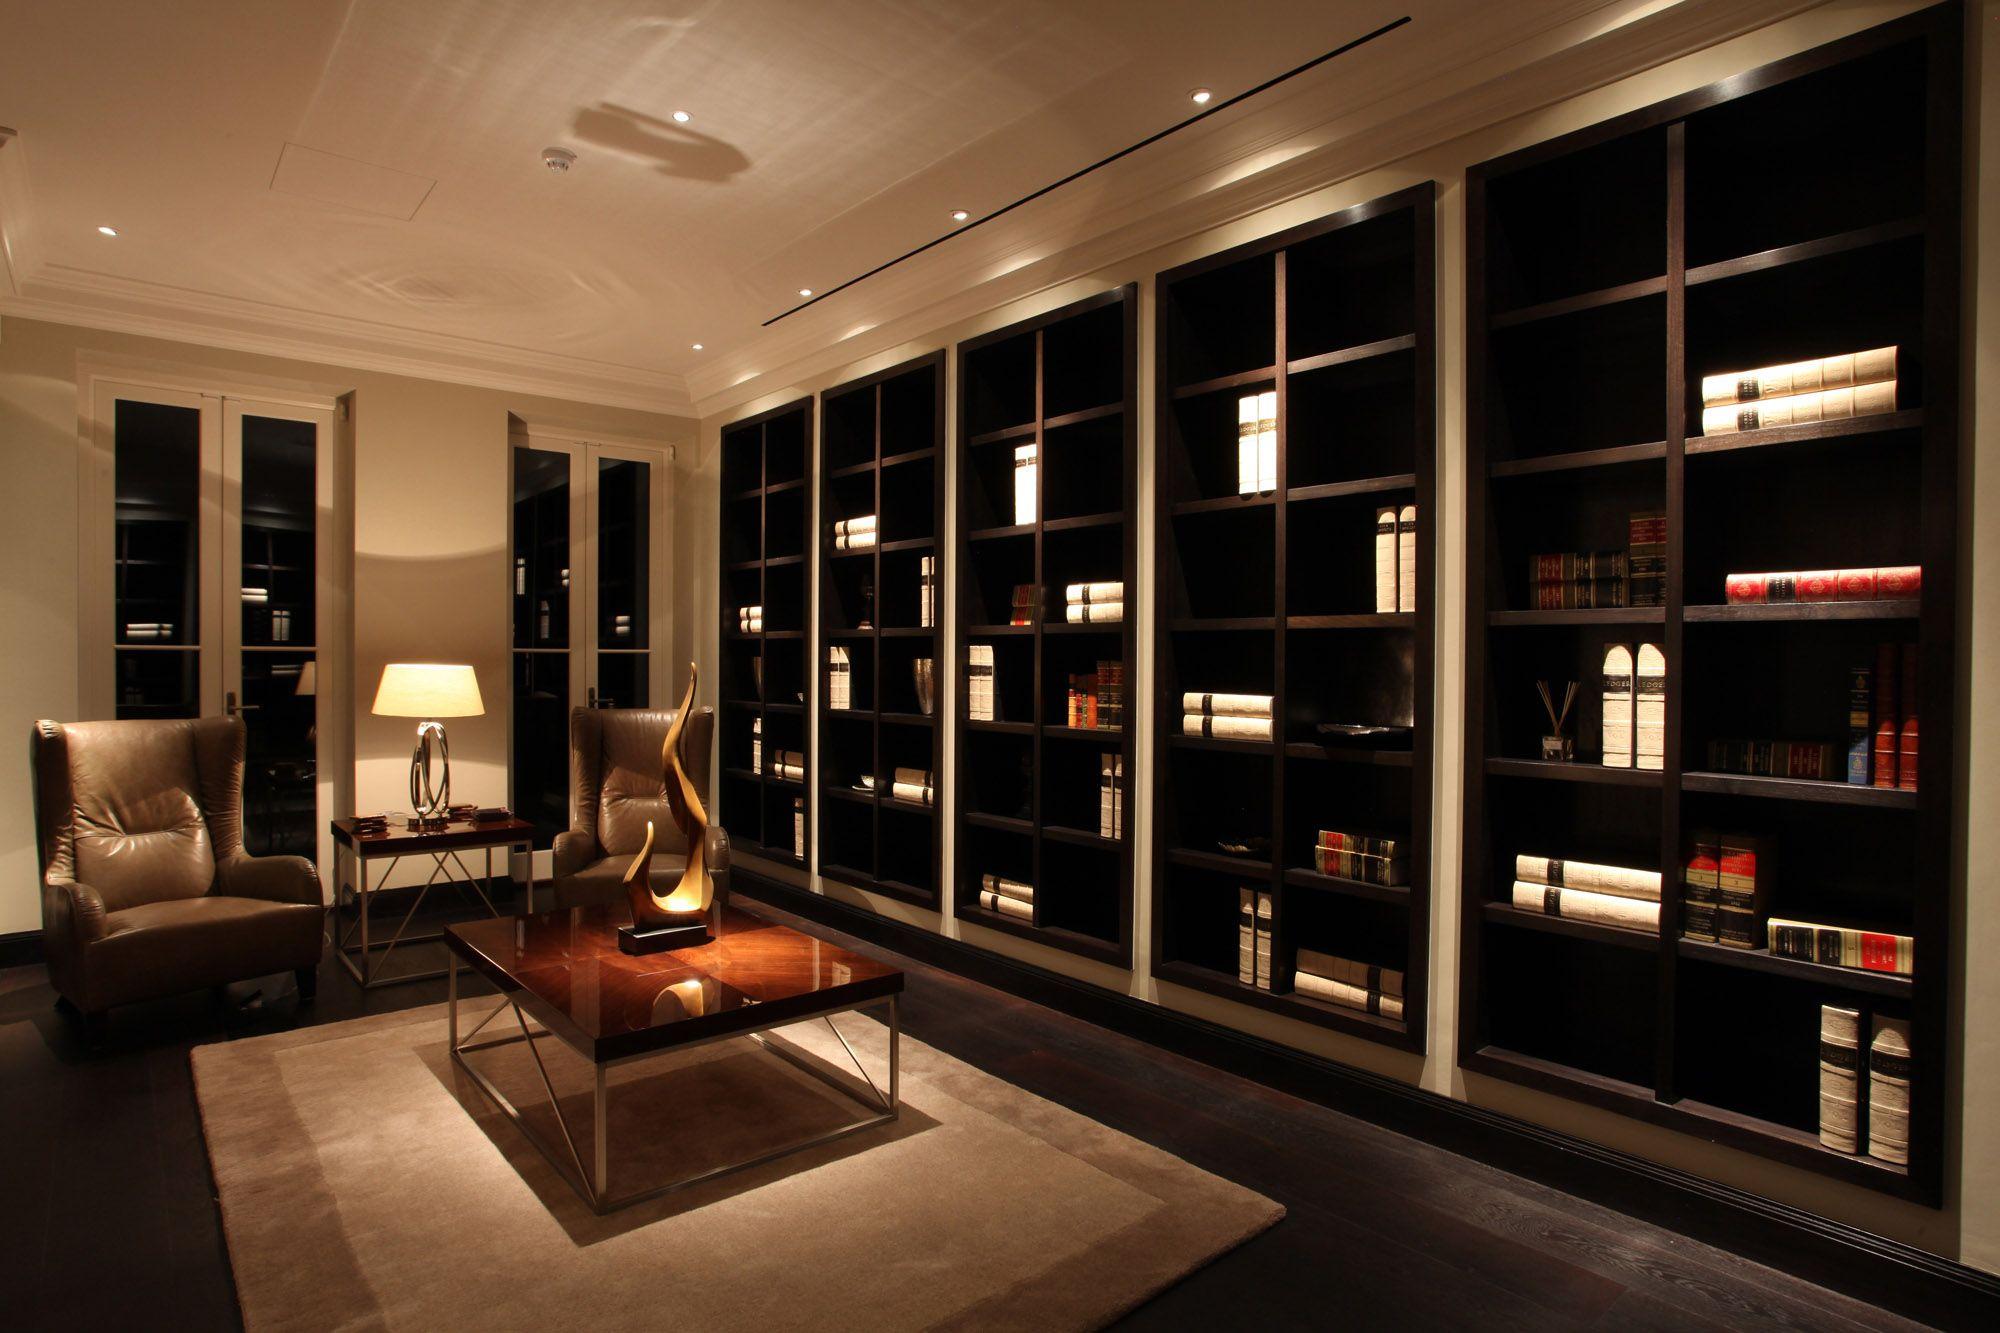 lighting for bookshelves. Lights Lighting For Bookshelves V